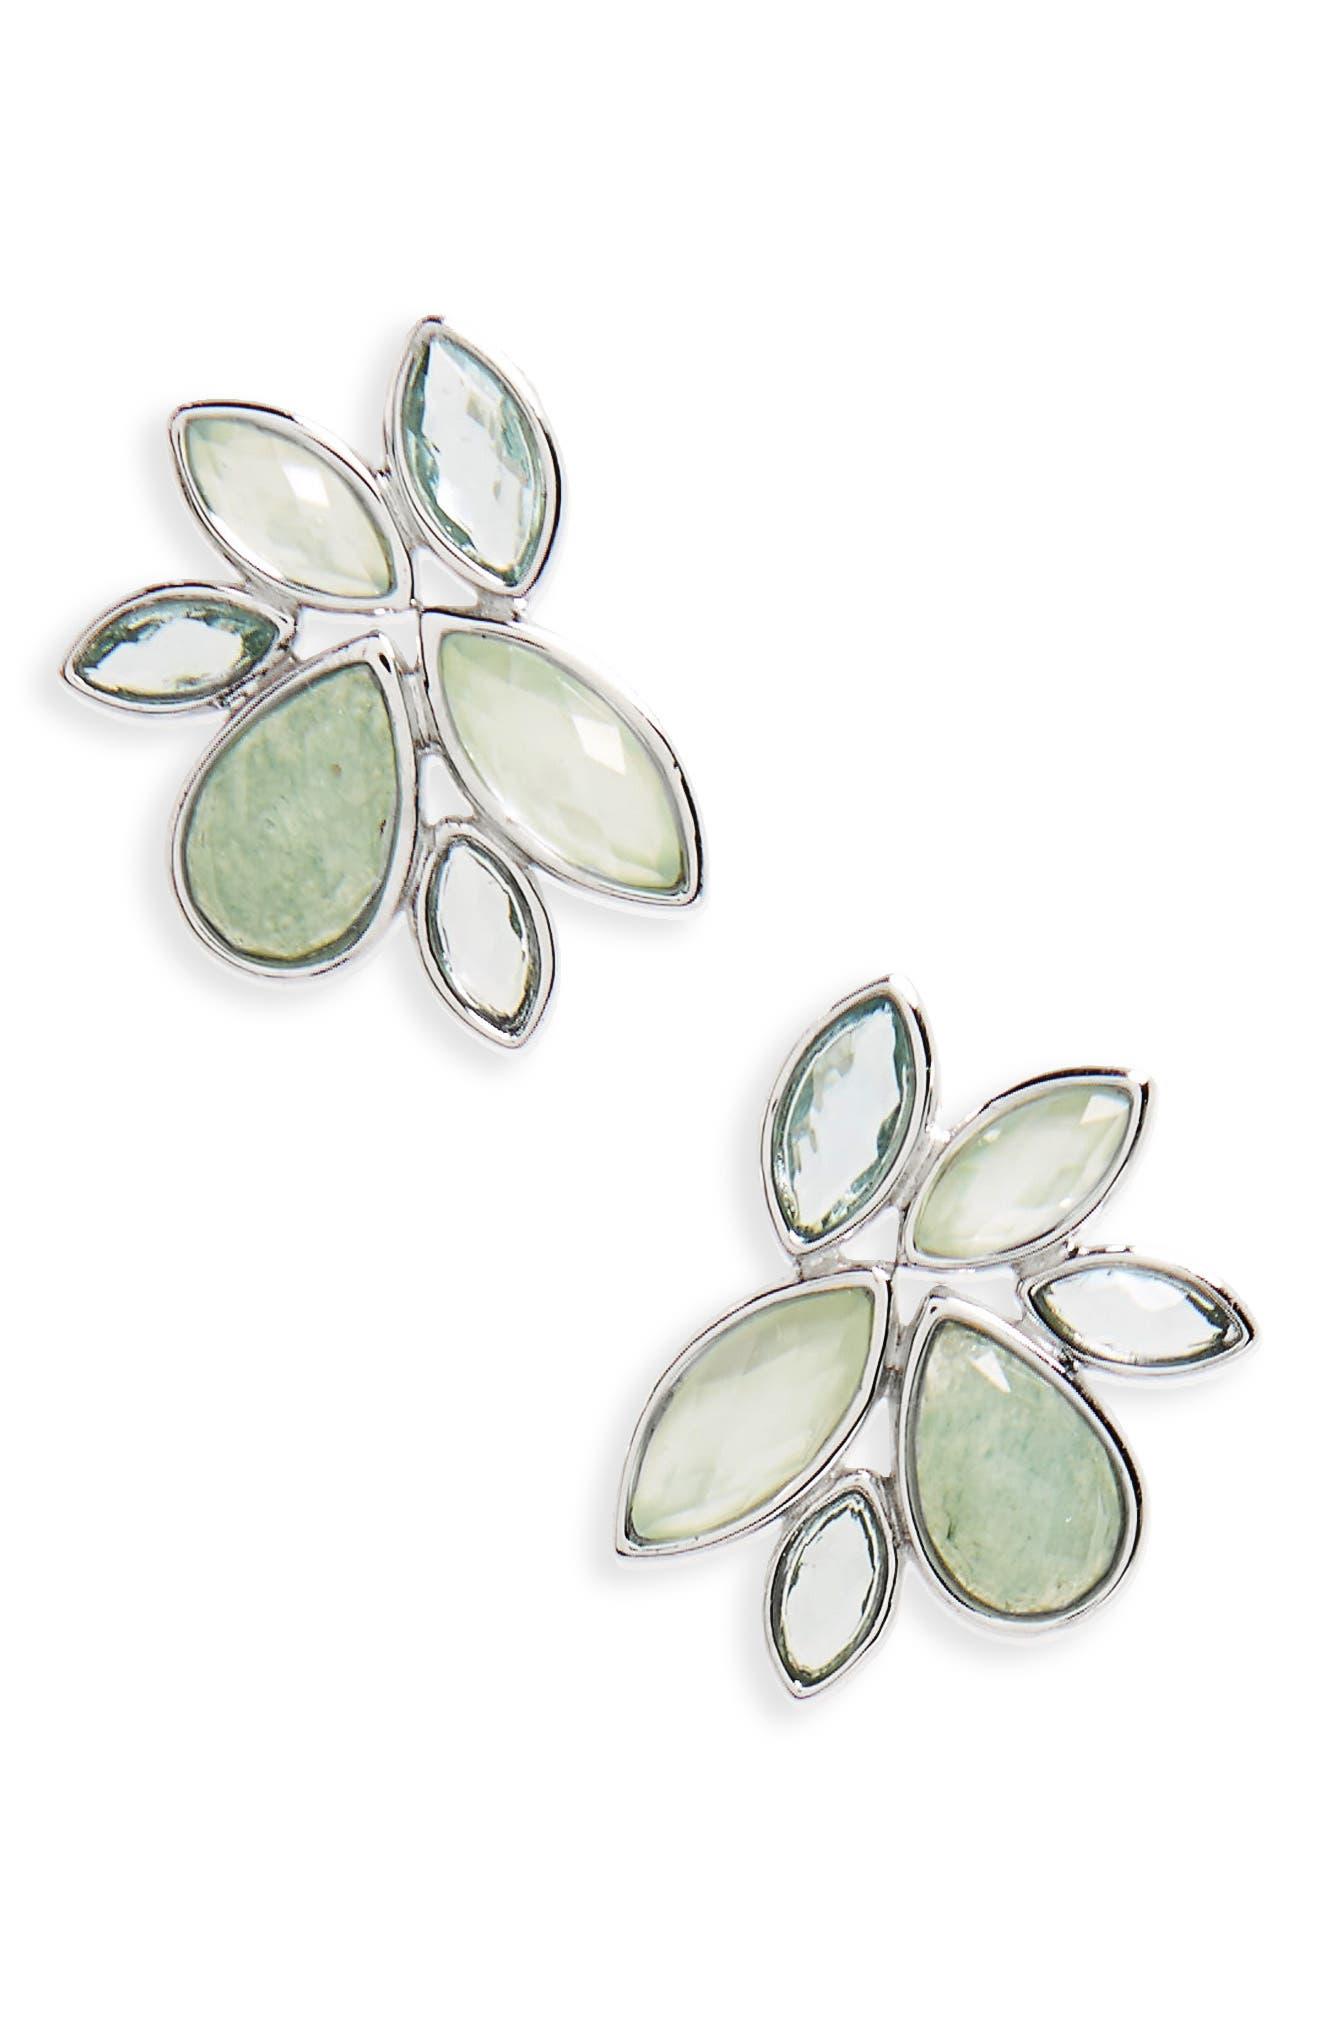 Lakeside Stud Earrings,                         Main,                         color, Green